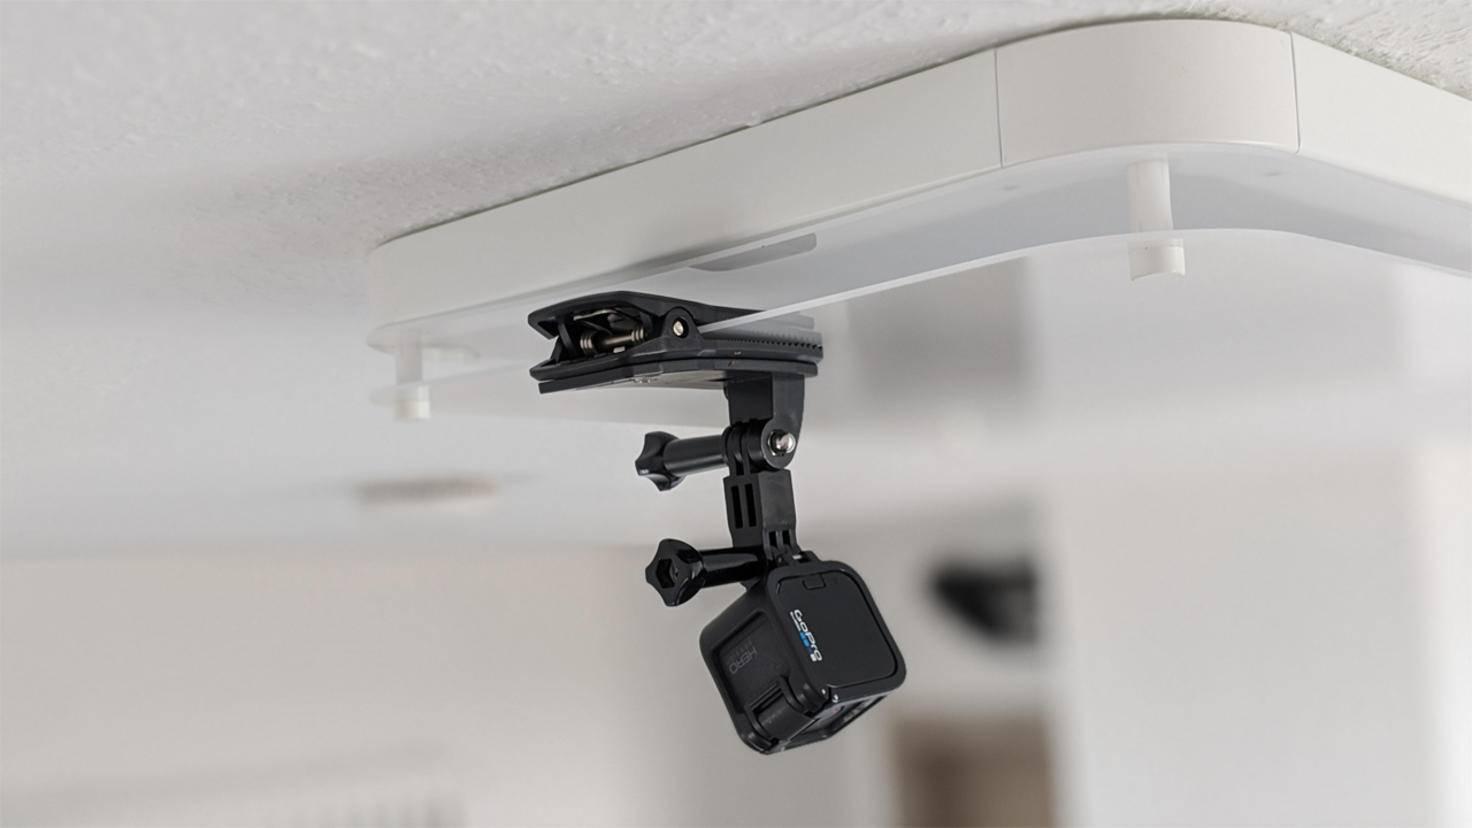 Zweitkamera ist eine GoPro Session, ...